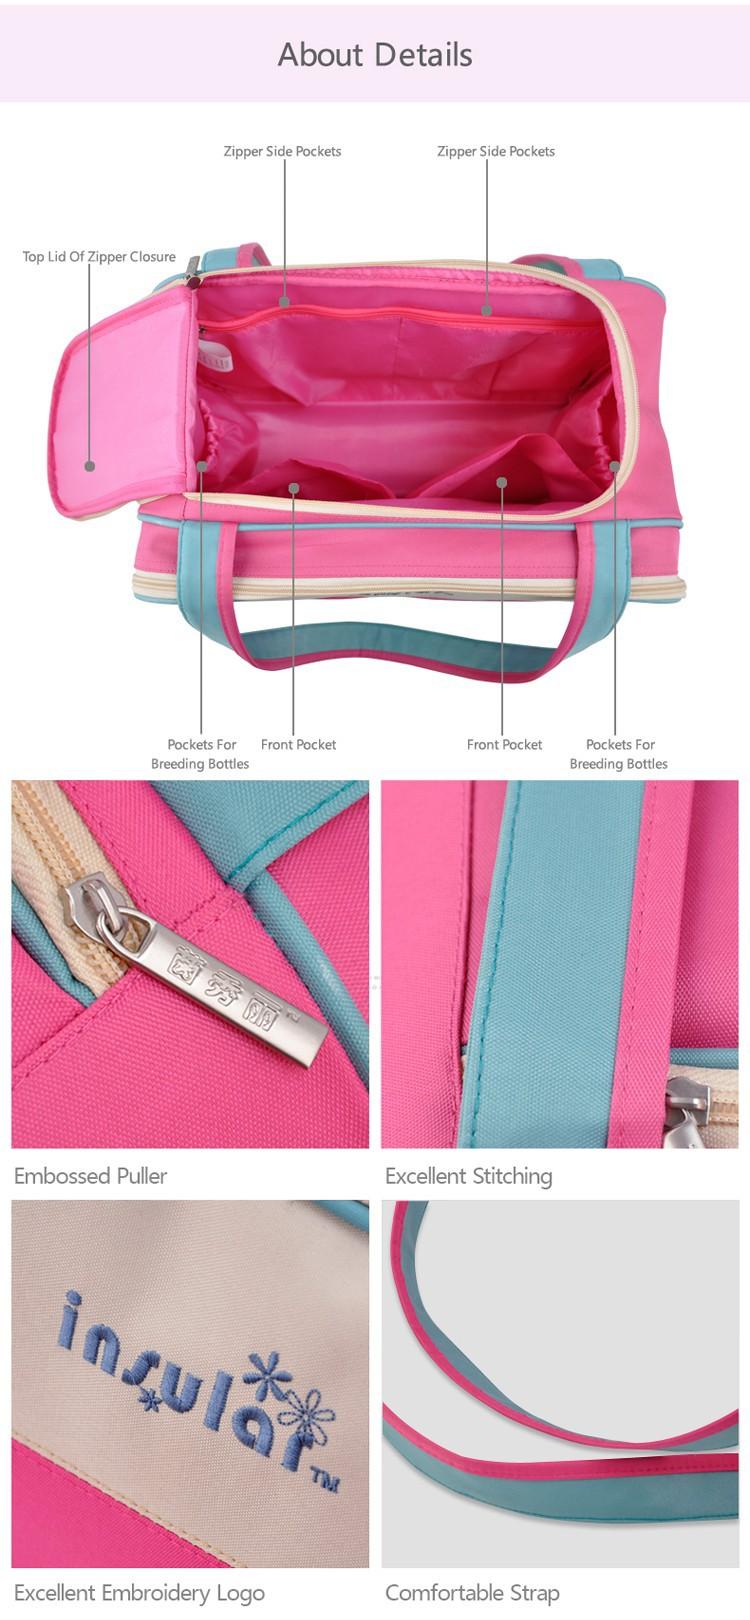 2015 новый! Детские подгузники сумки / мать сумка / детские пеленки мешок / многофункциональный большой емкости / сумки / полоса стиль / розничная торговля 1